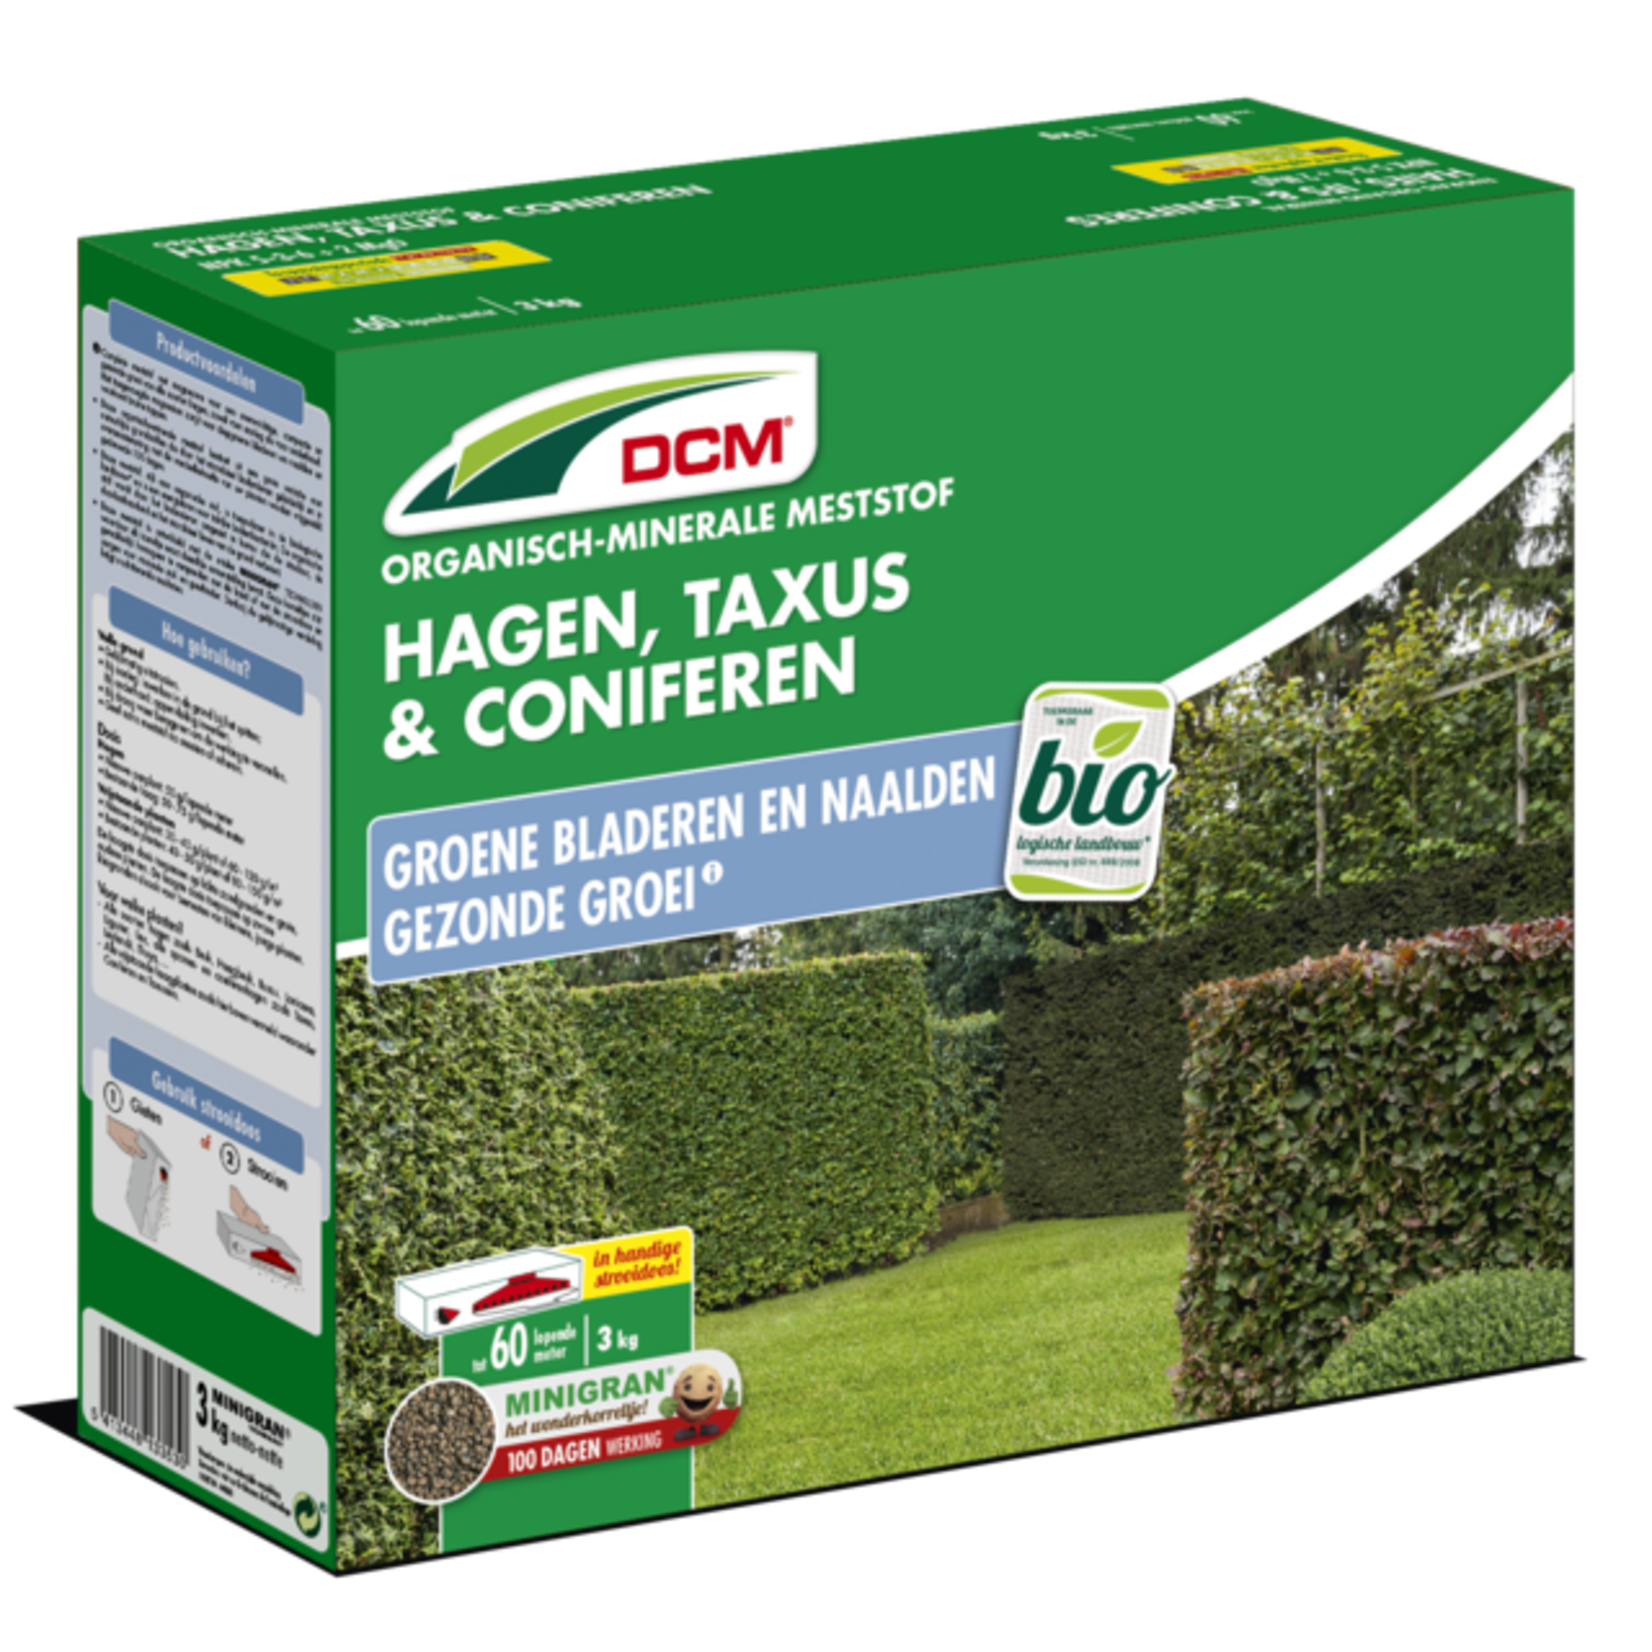 DCM Hagen, Taxus en Coniferen meststof